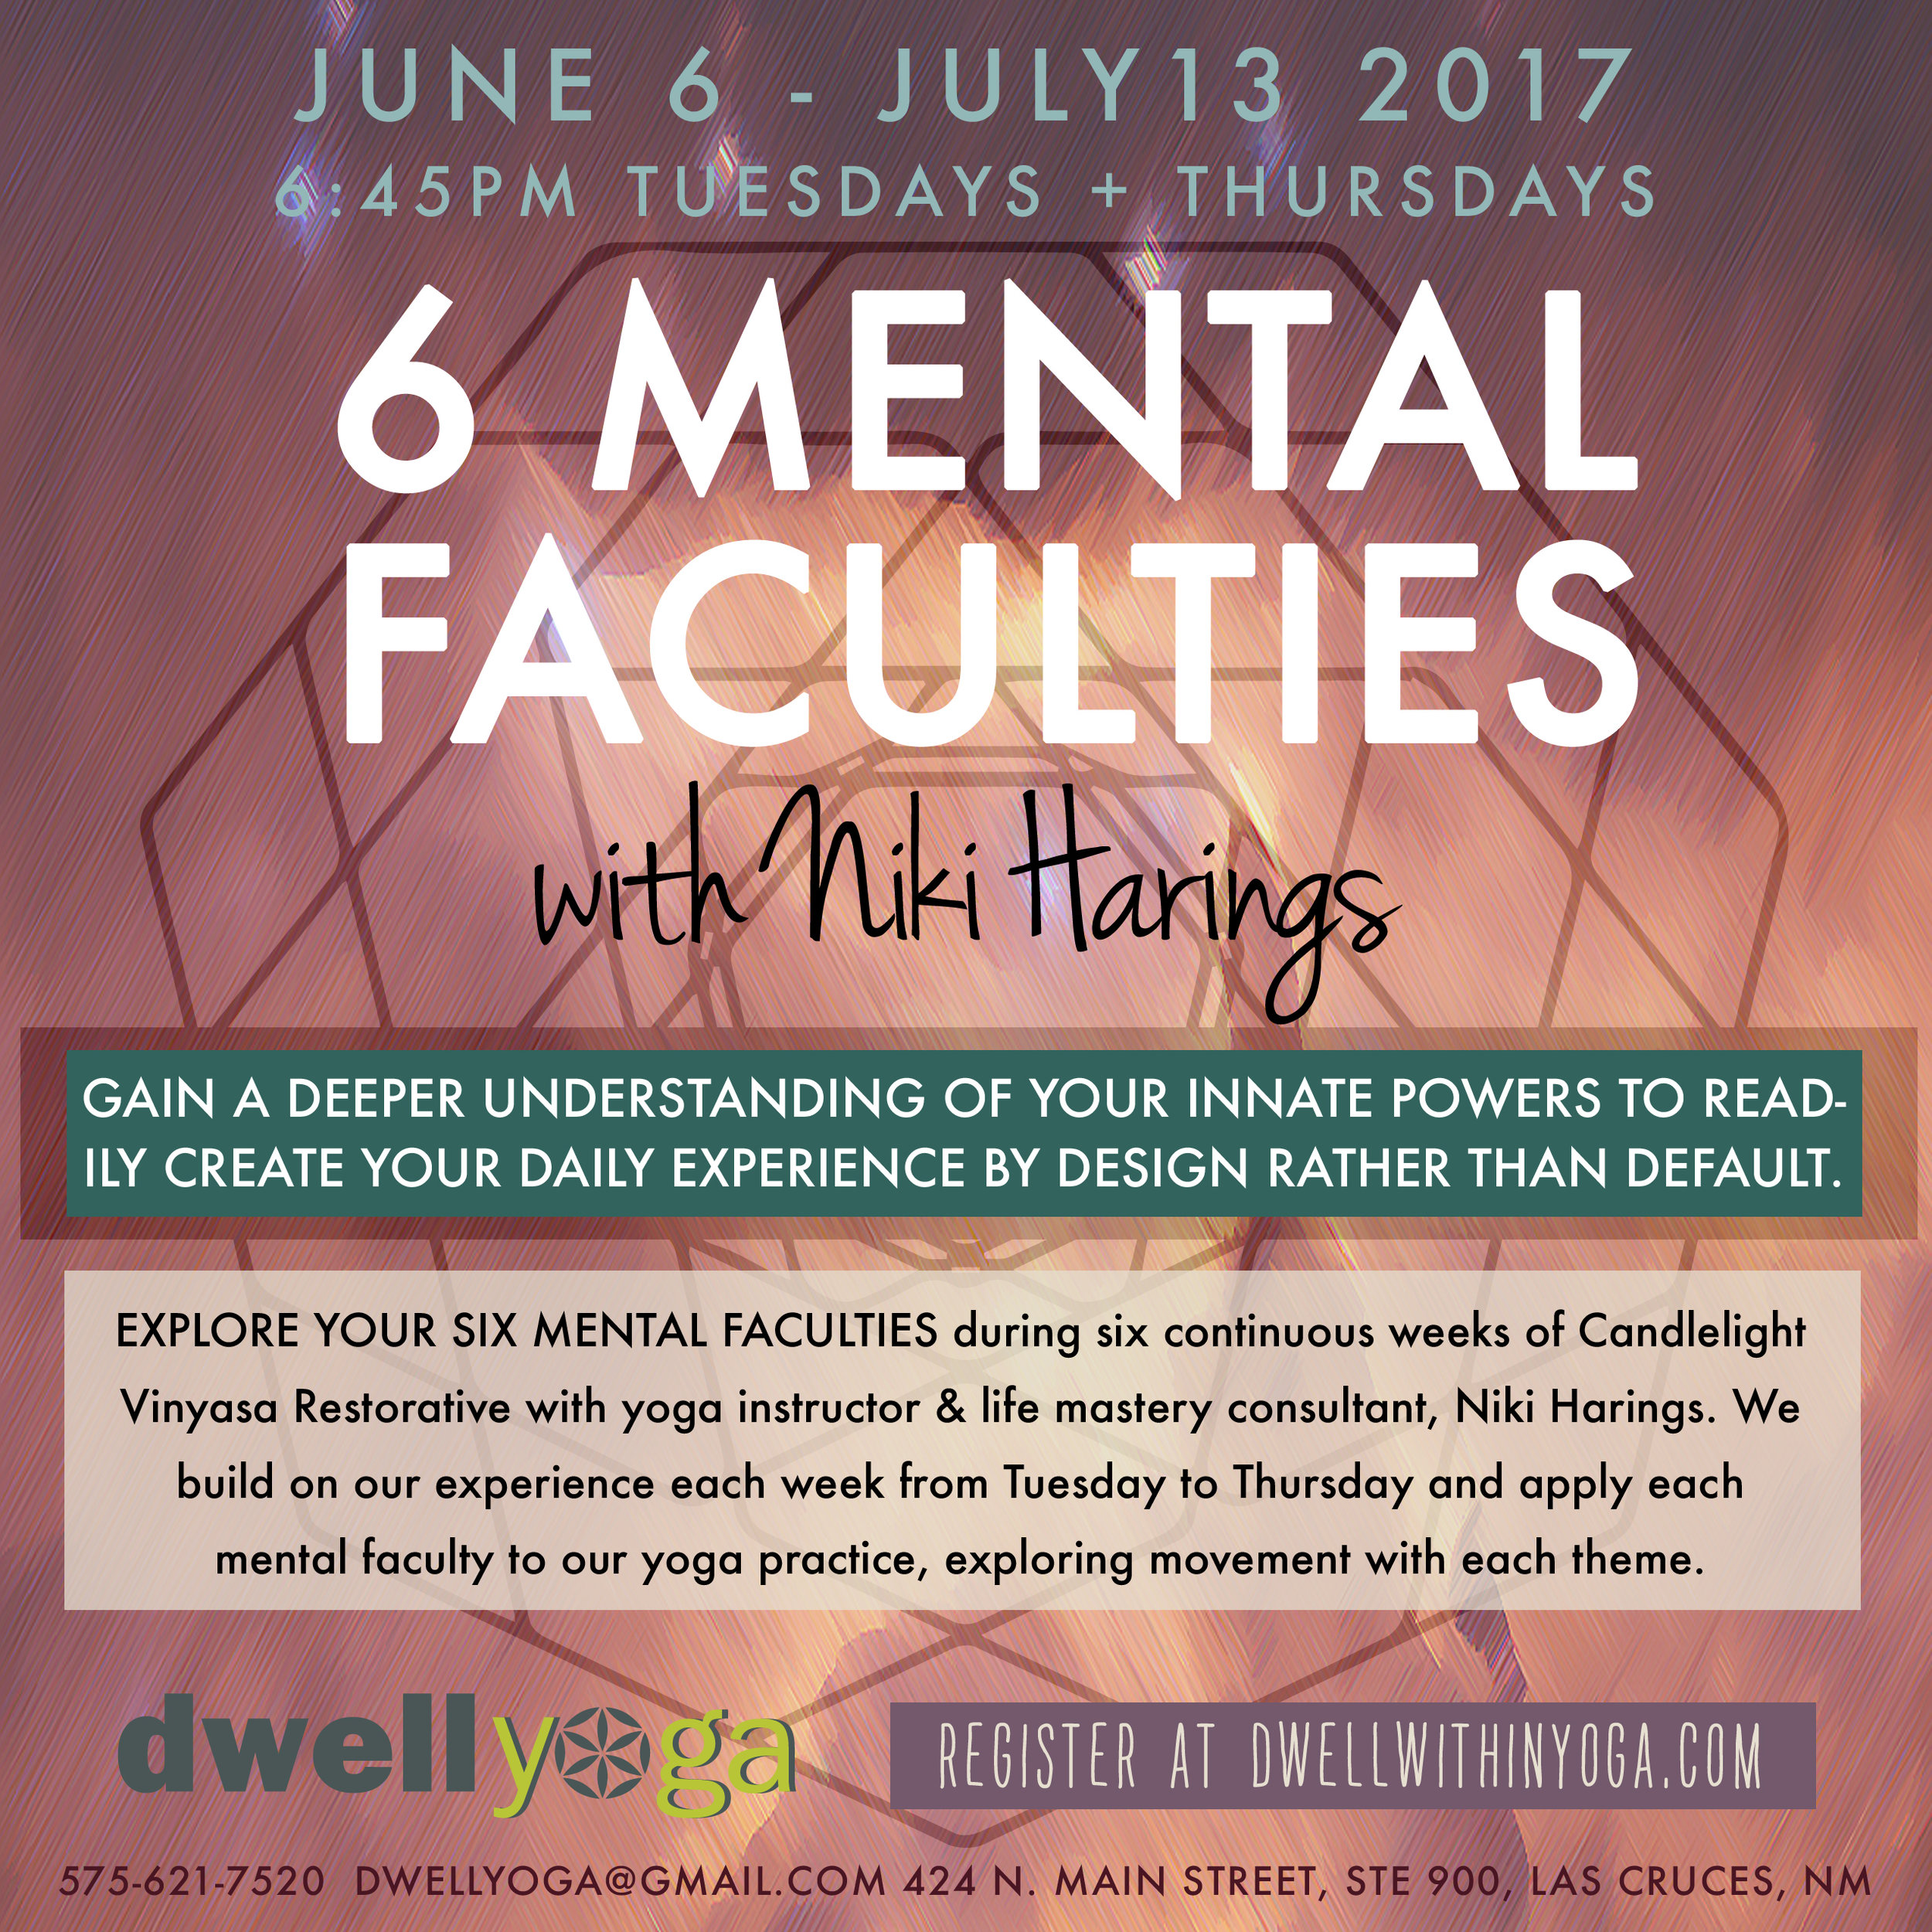 6 Mental Faculties June 2017 INSTAGRAM.jpg